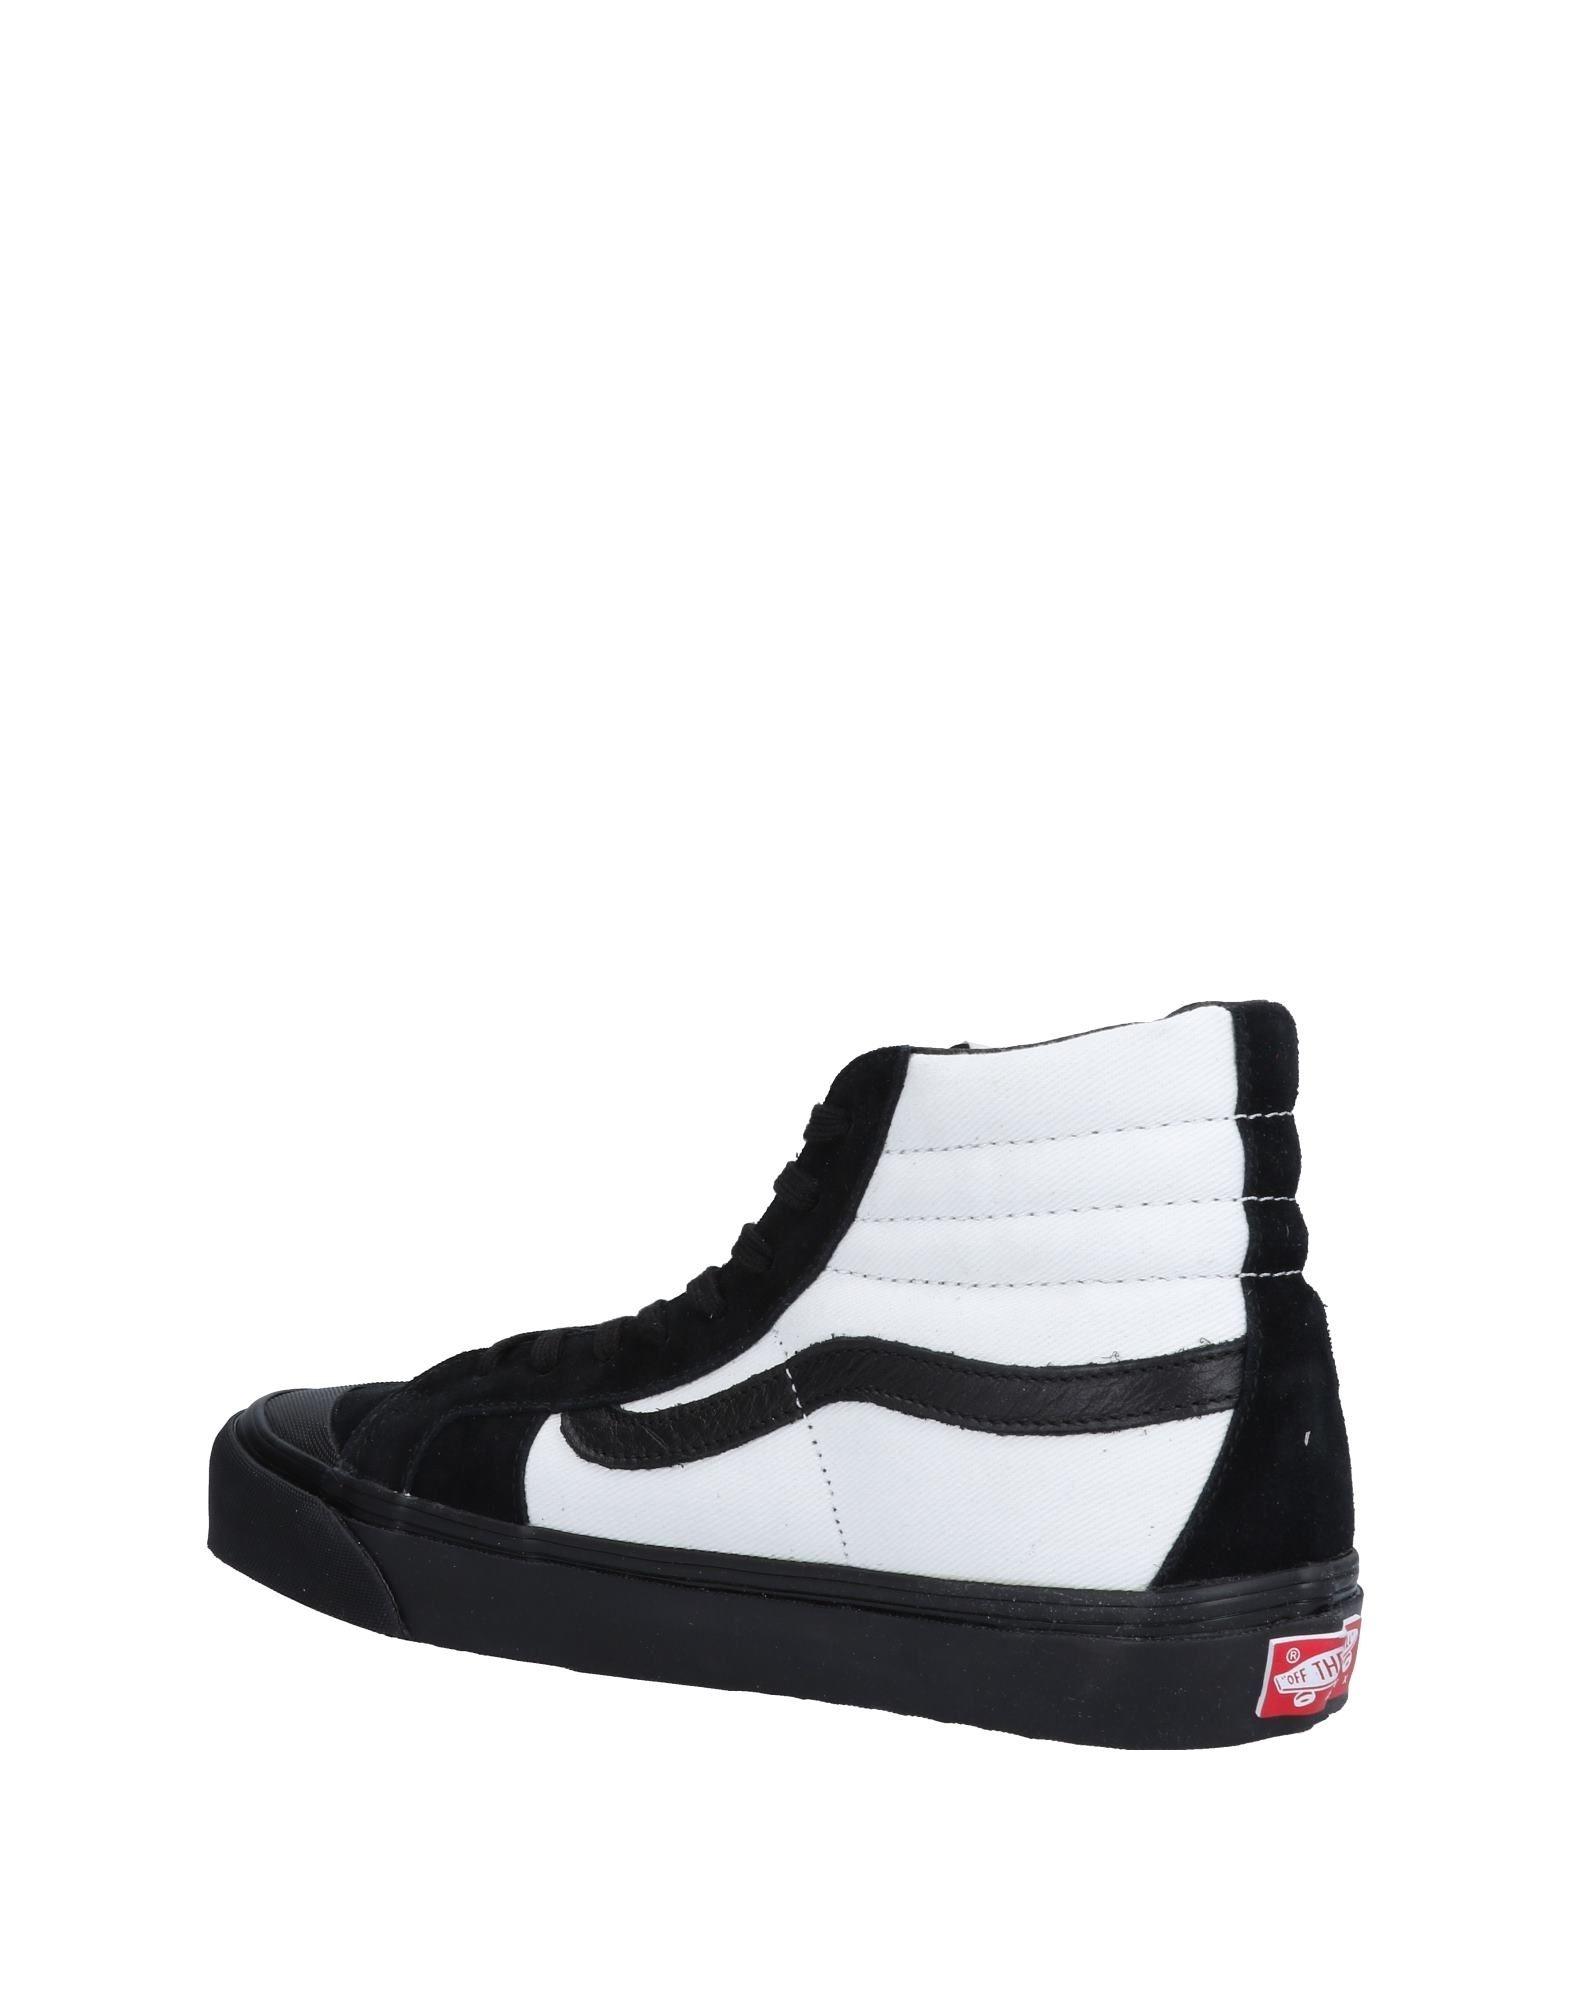 Vans Sneakers Herren  11498198QM Schuhe Gute Qualität beliebte Schuhe 11498198QM a8b155